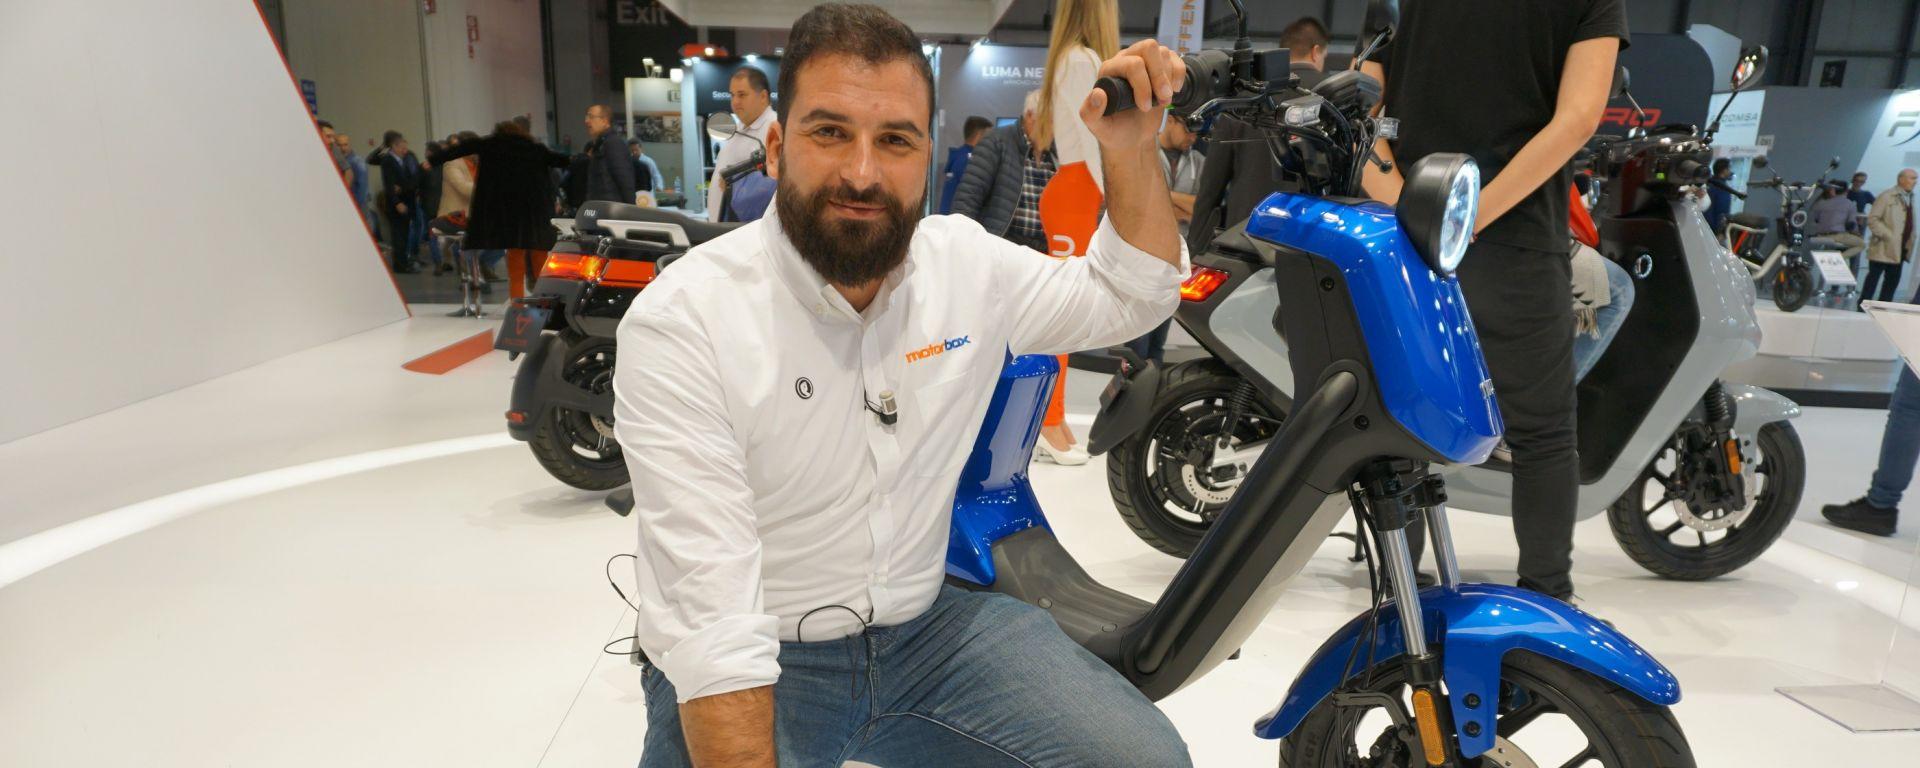 NIU UQIGT PRO: il mix tra e-bike e scooter a Eicma 2019